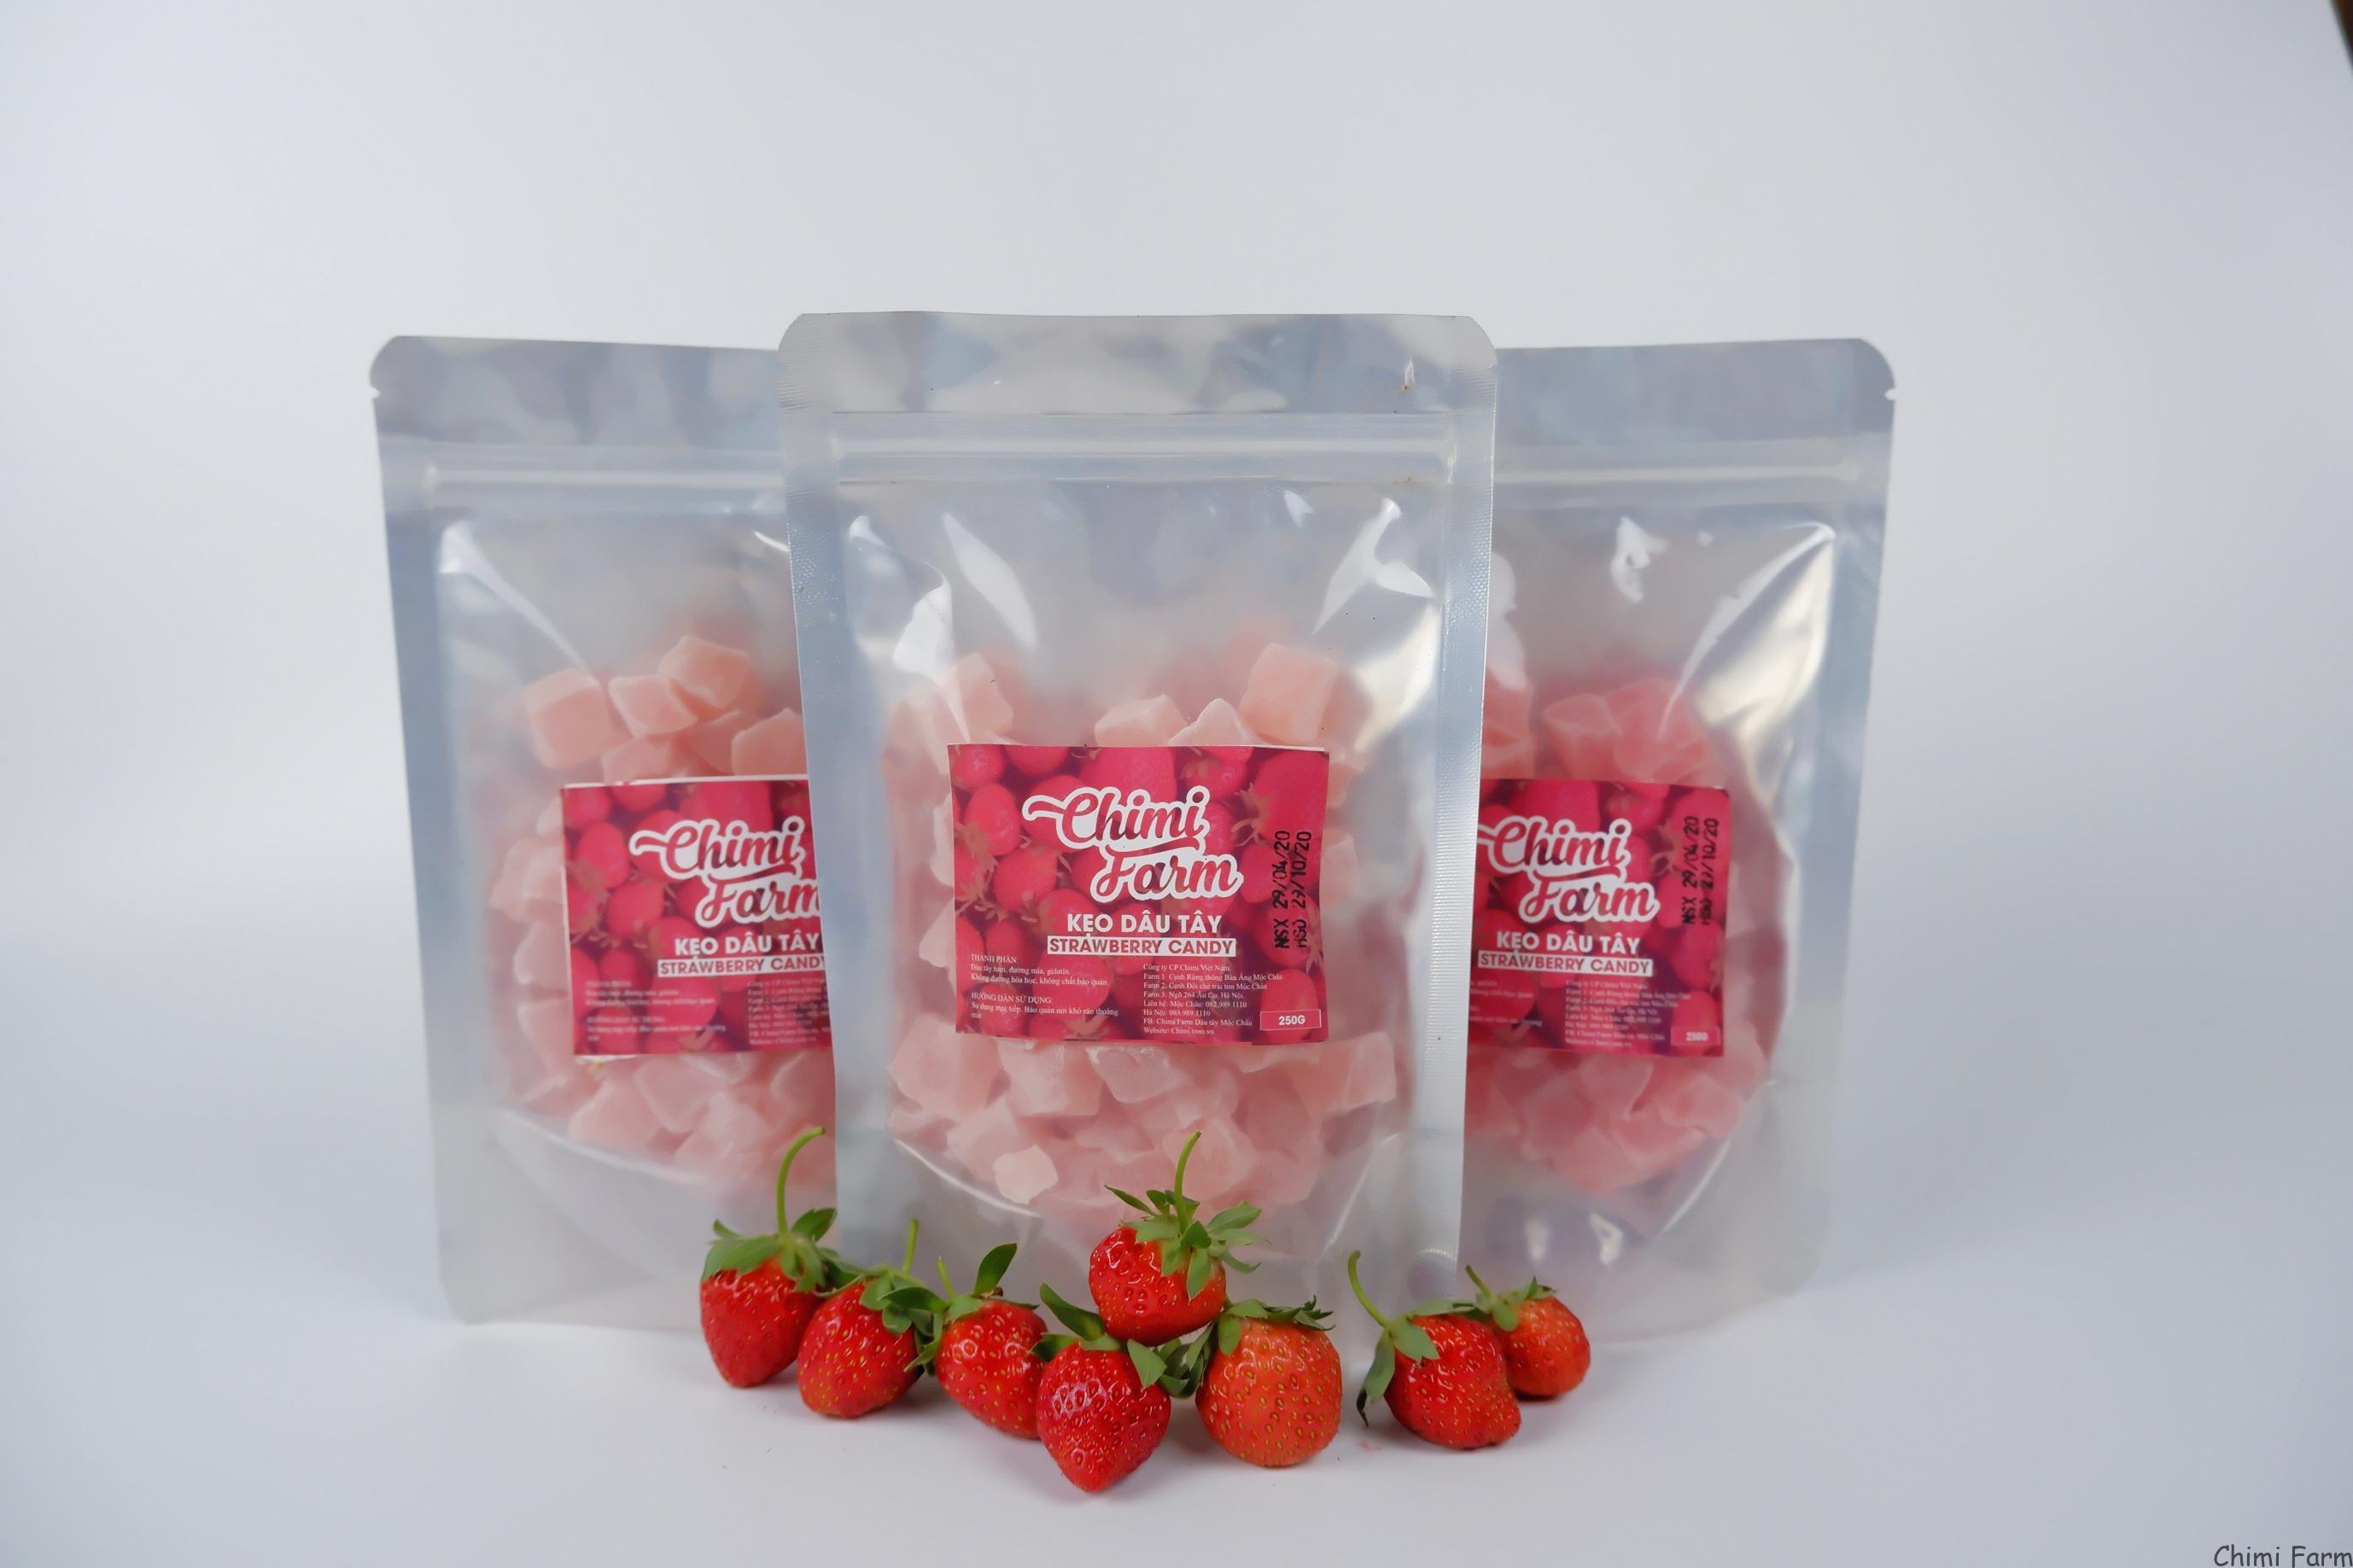 Kẹo dẻo dâu tây - Cách đặt mua các sản phẩm dâu tây